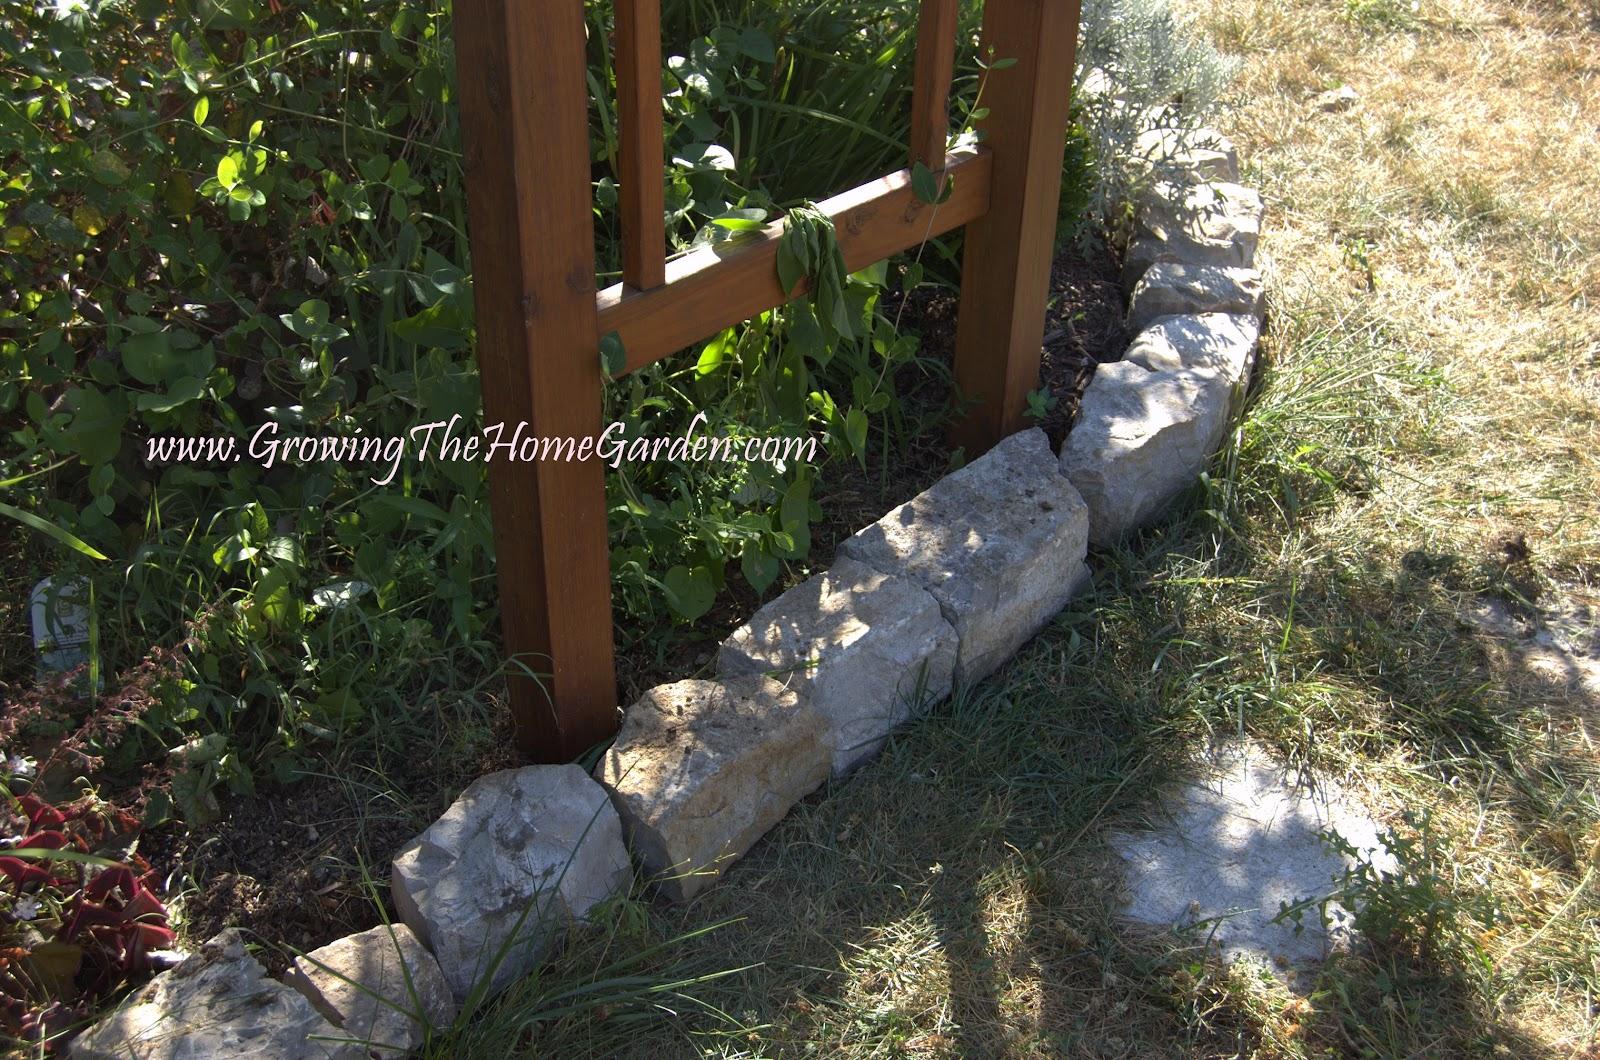 Growing The Home Garden